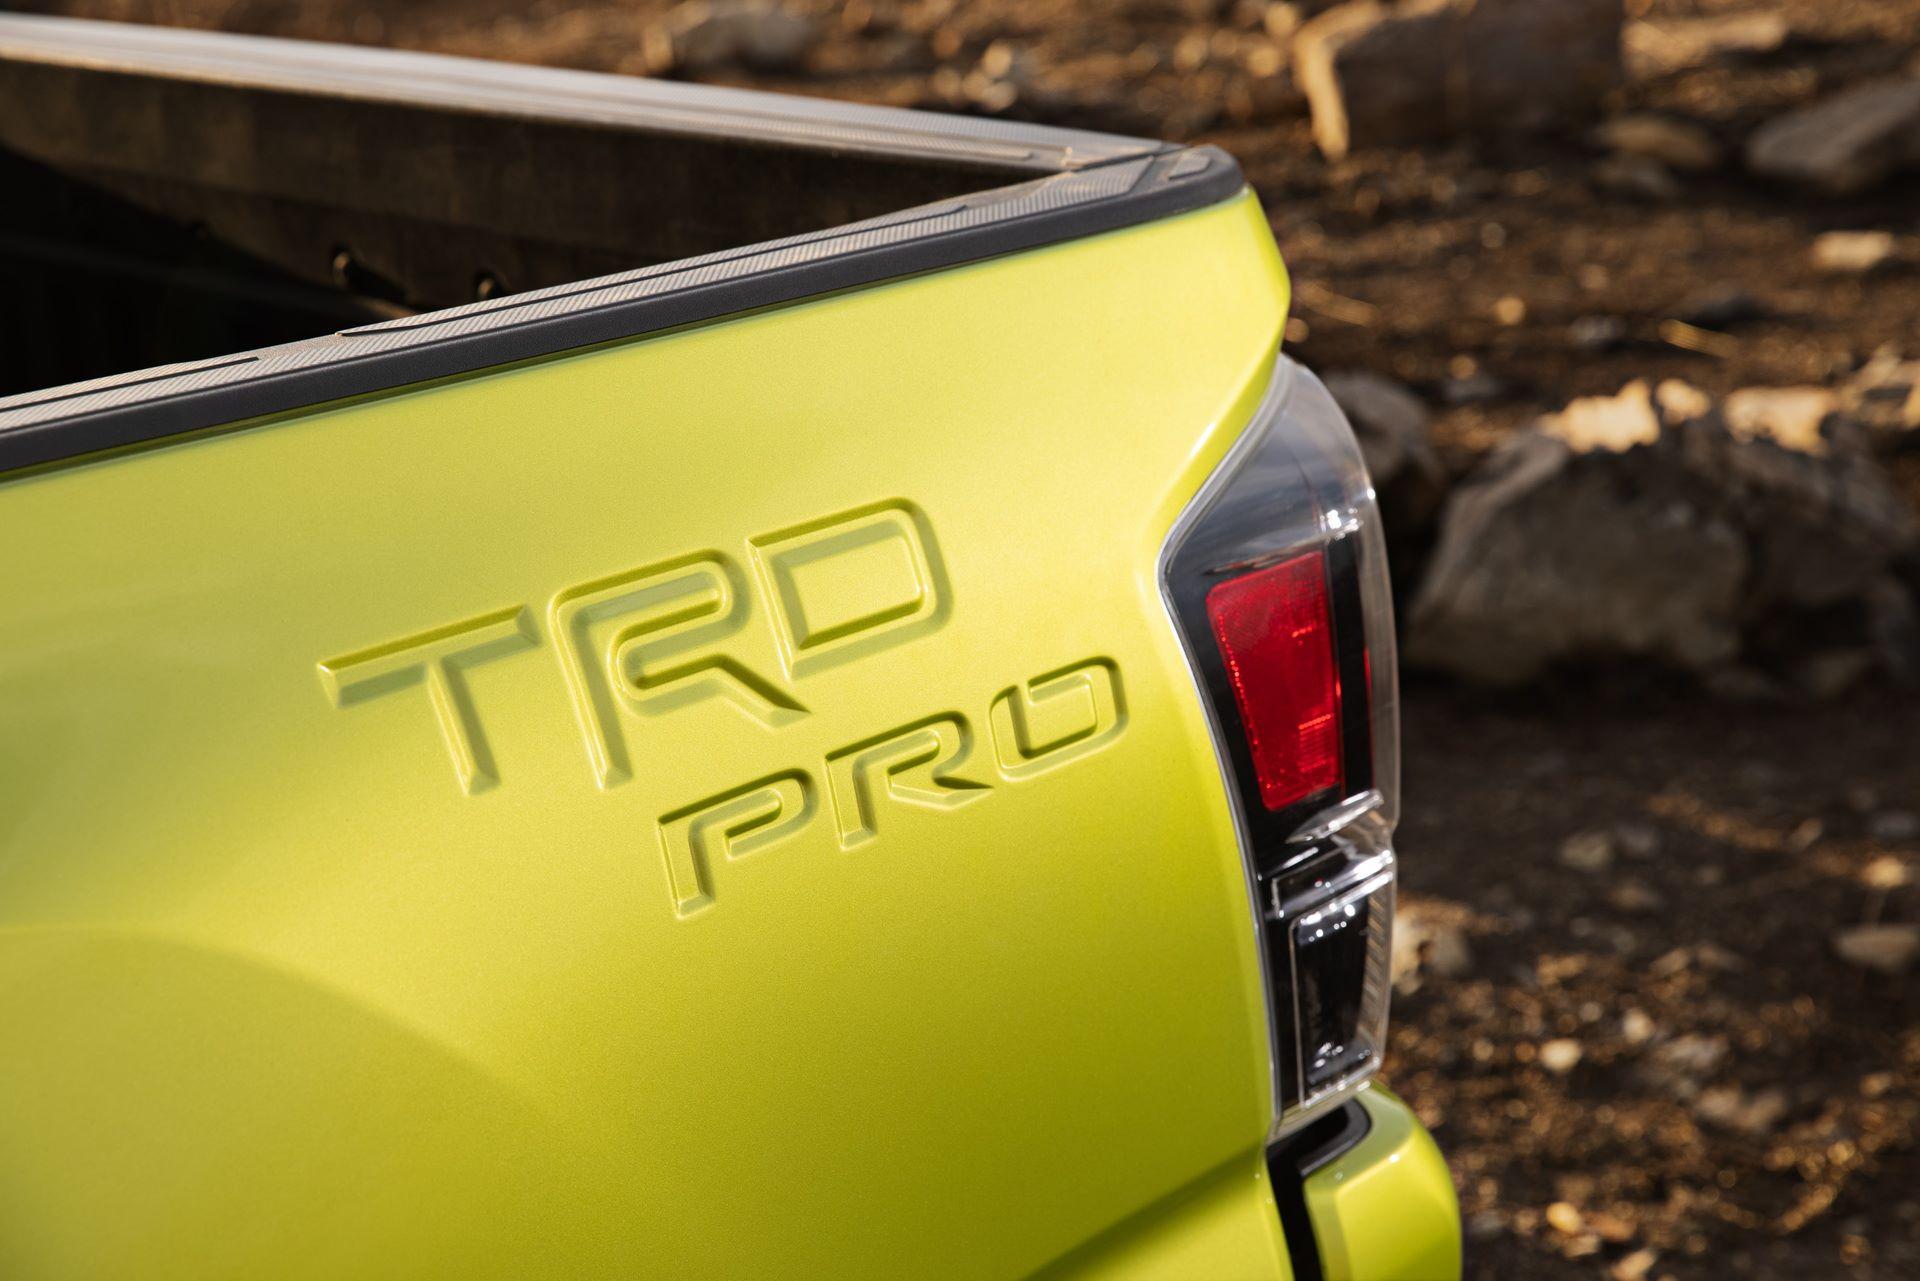 Toyota-Tacoma-TRD-Pro-and-Tacoma-Trail-Edition-17